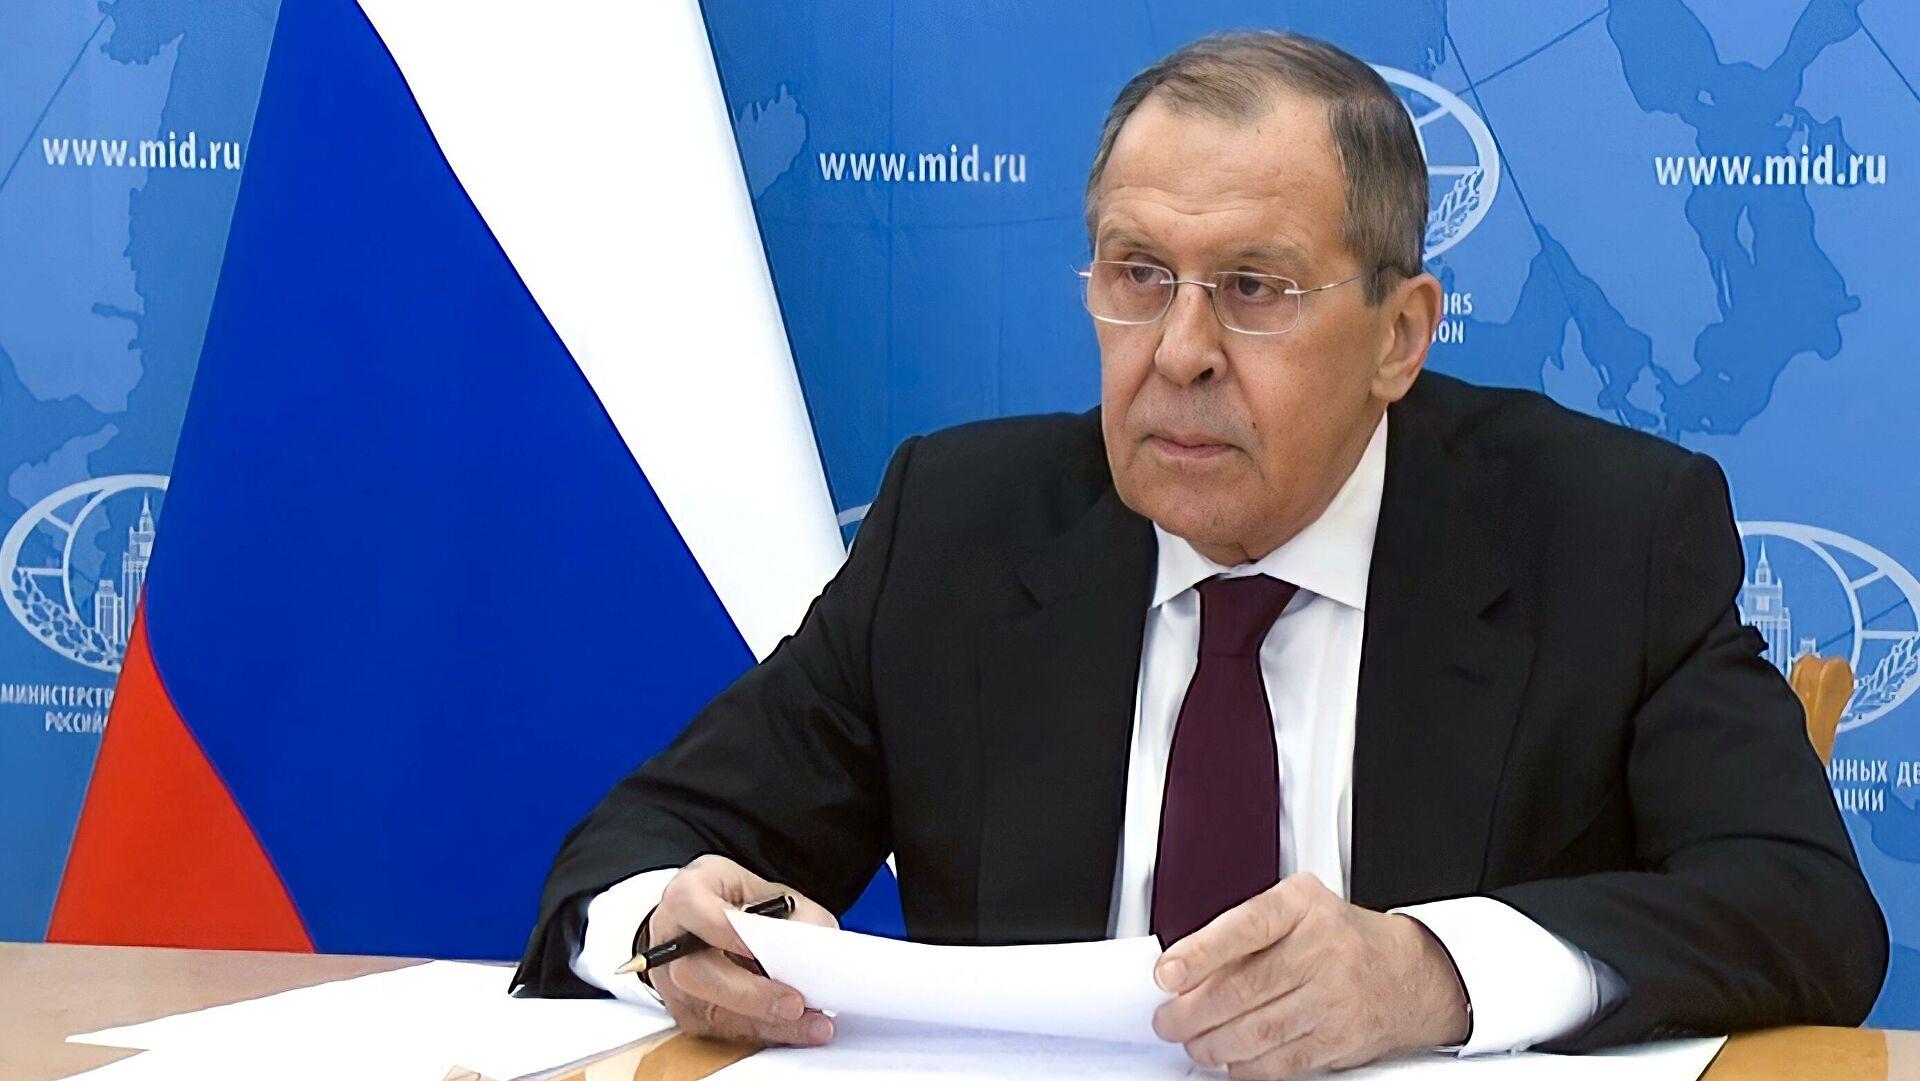 Лавров: Забринути смо због интернационализације нагорно-карабашког сукоба и умешаности милитаната са Блиског истока